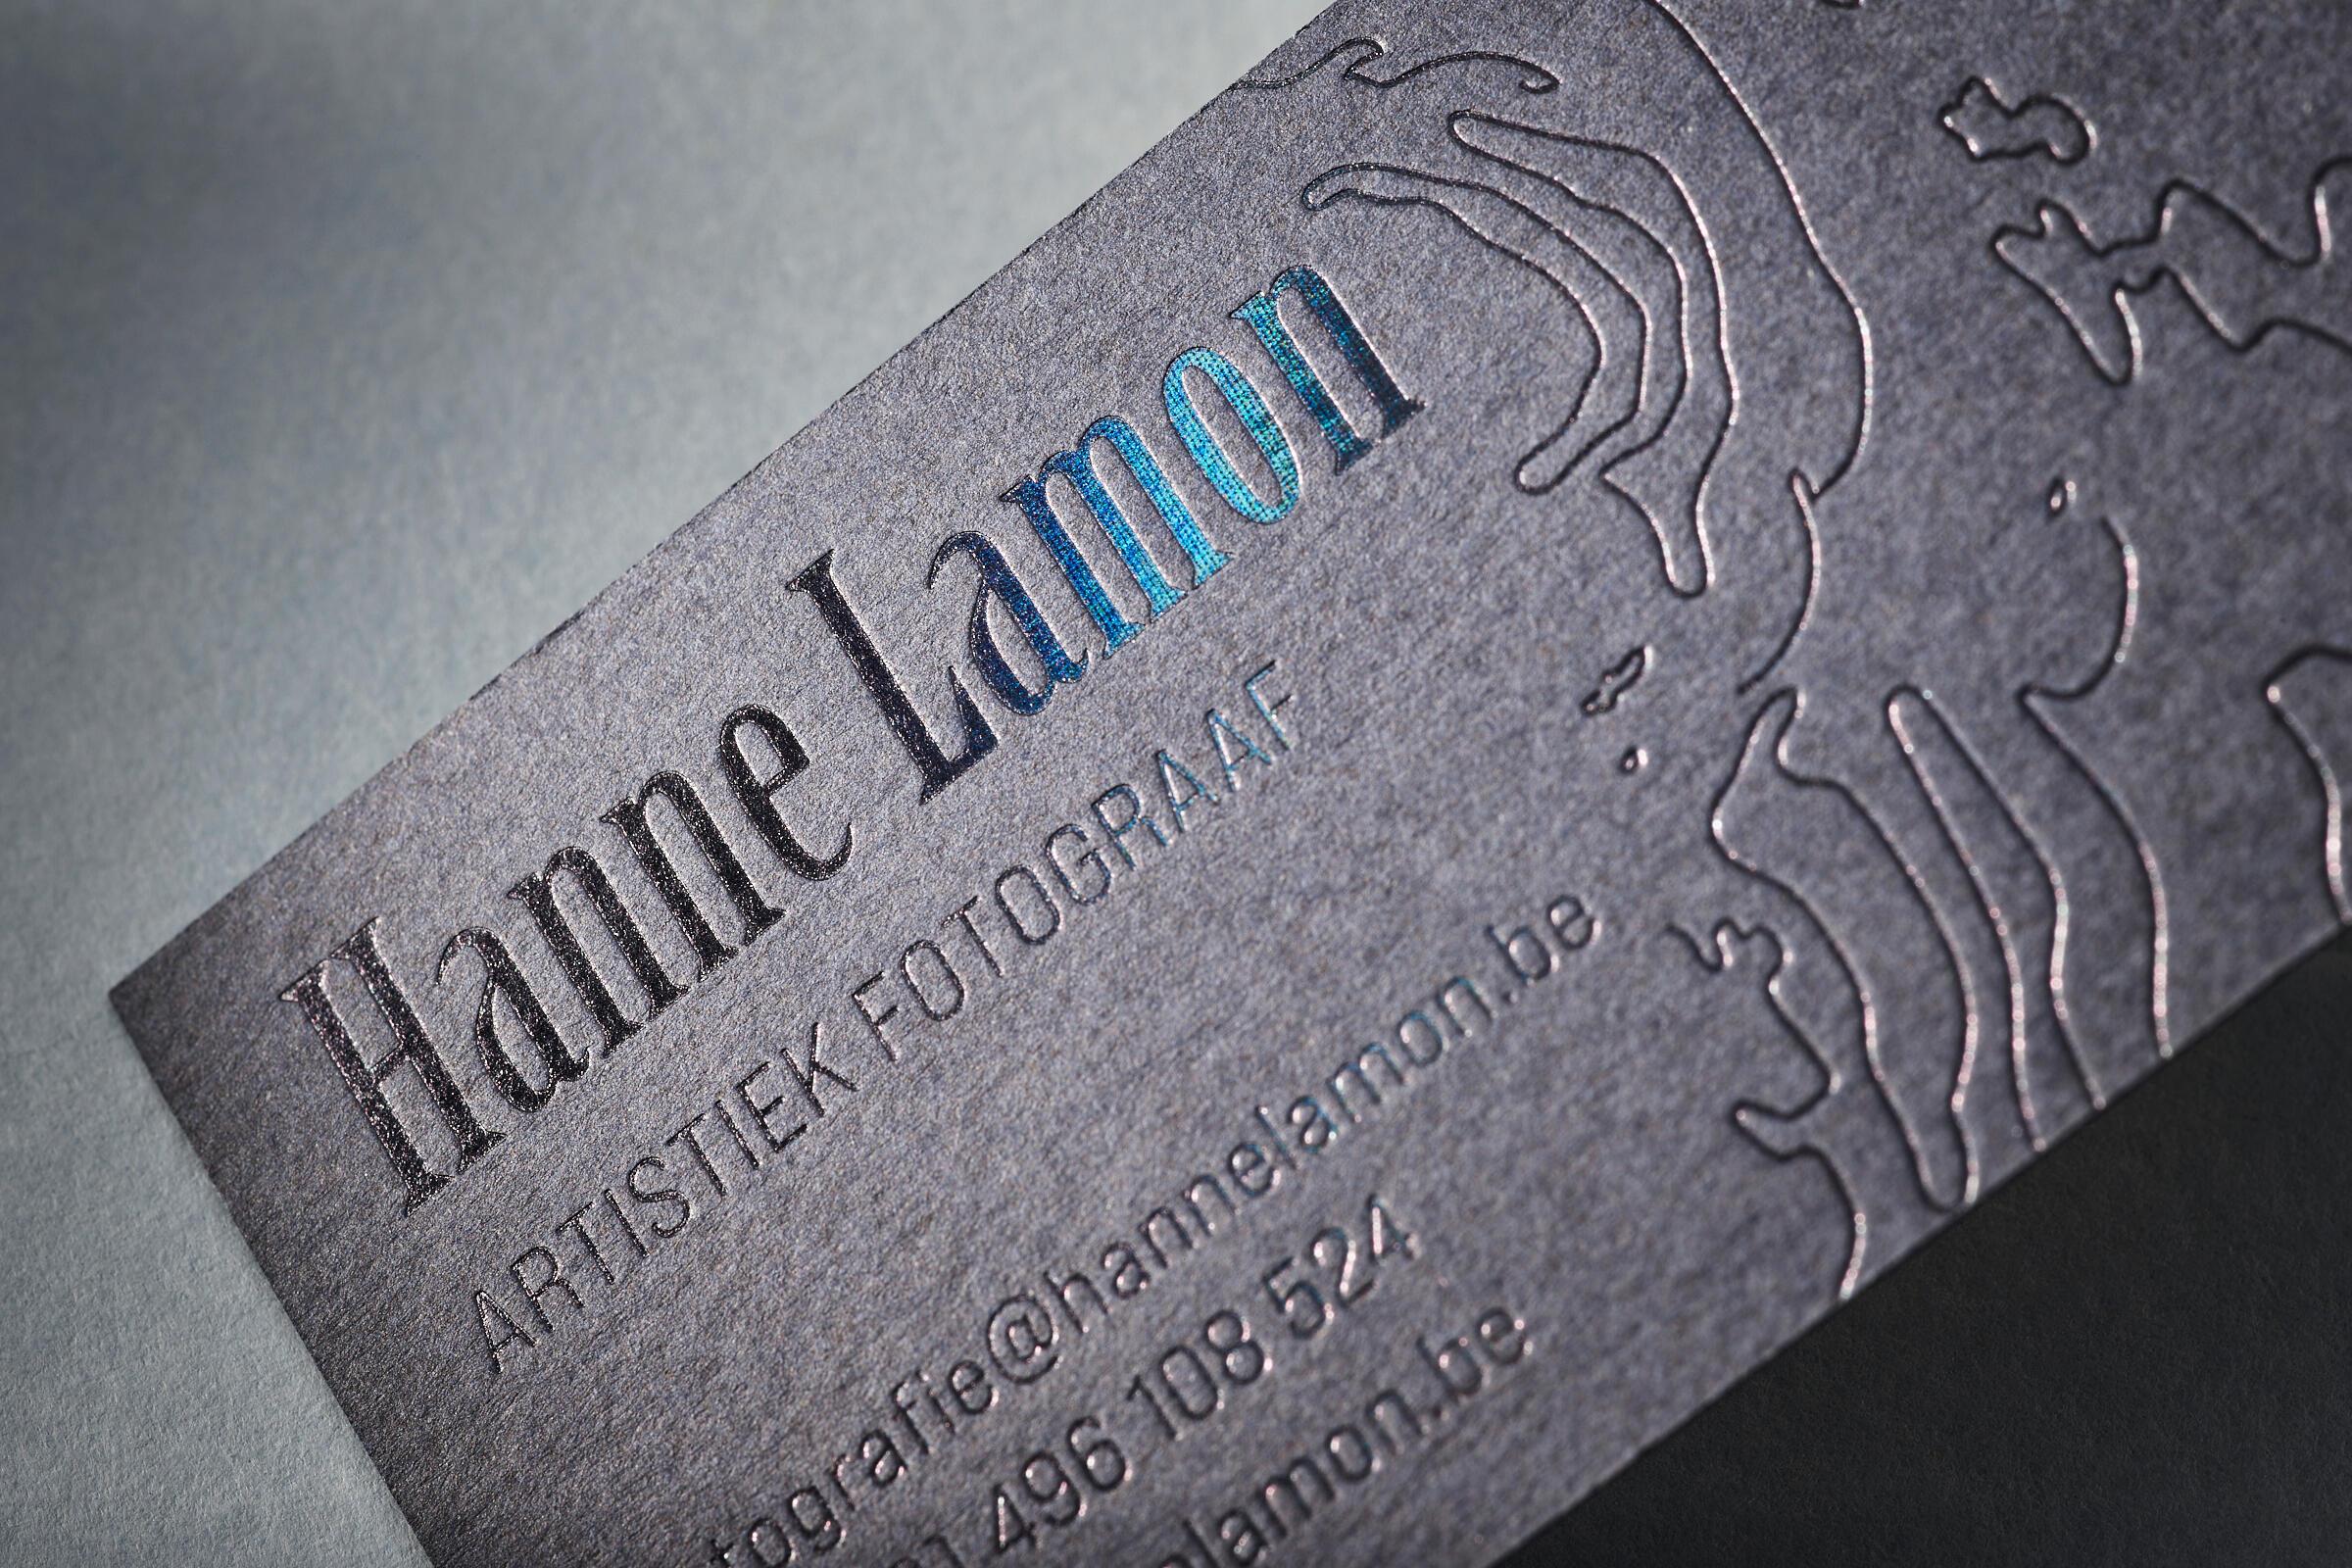 Zwarte holografische folie op een naamkaartje